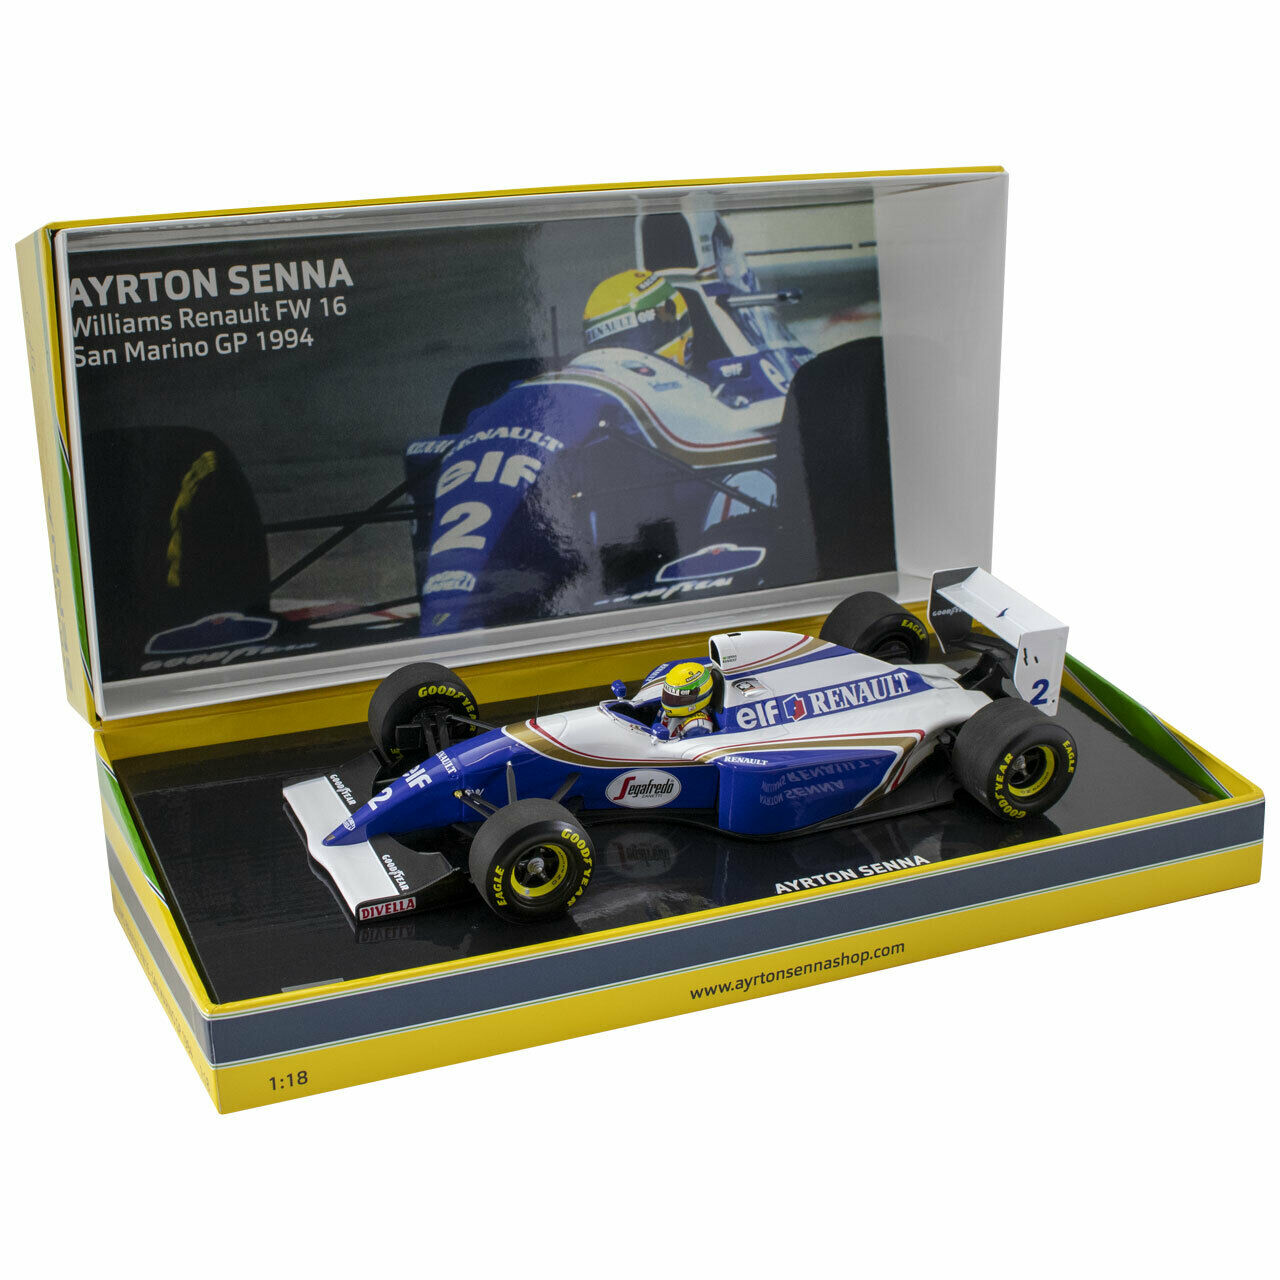 mejor calidad WILLIAMS RENAULT FW16 AYRTON SENNA F1 SAN MARINO IMOLA GP GP GP 1994 rojoHMANS 1 18 NEW  Entrega directa y rápida de fábrica